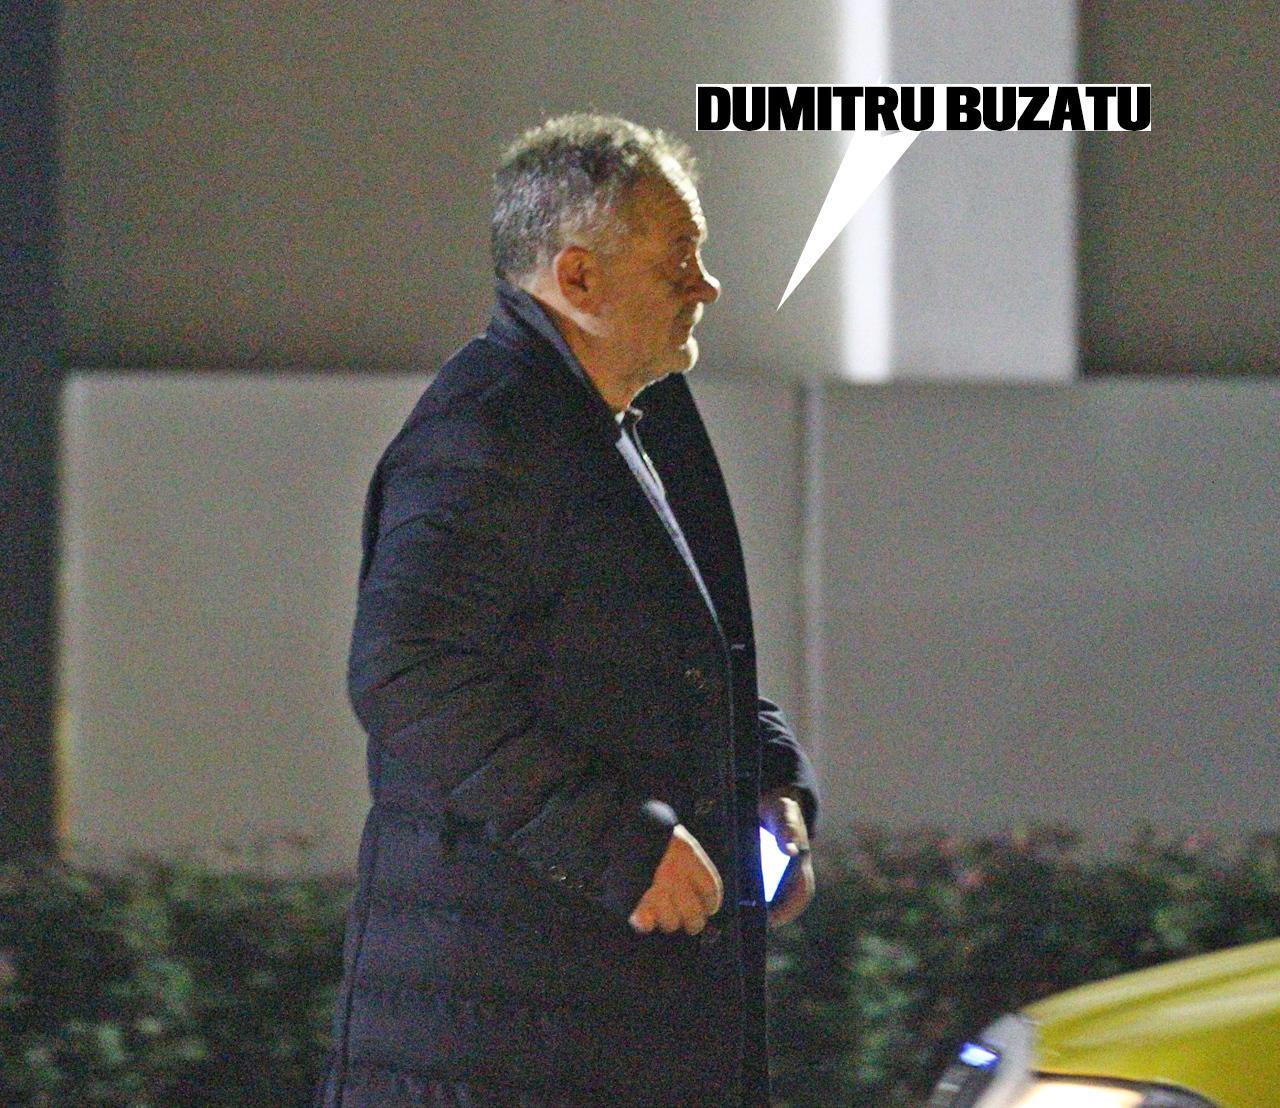 De la întâlnire nu a lipsit nici Dumitru Buzatu, liderul PSD Vaslui